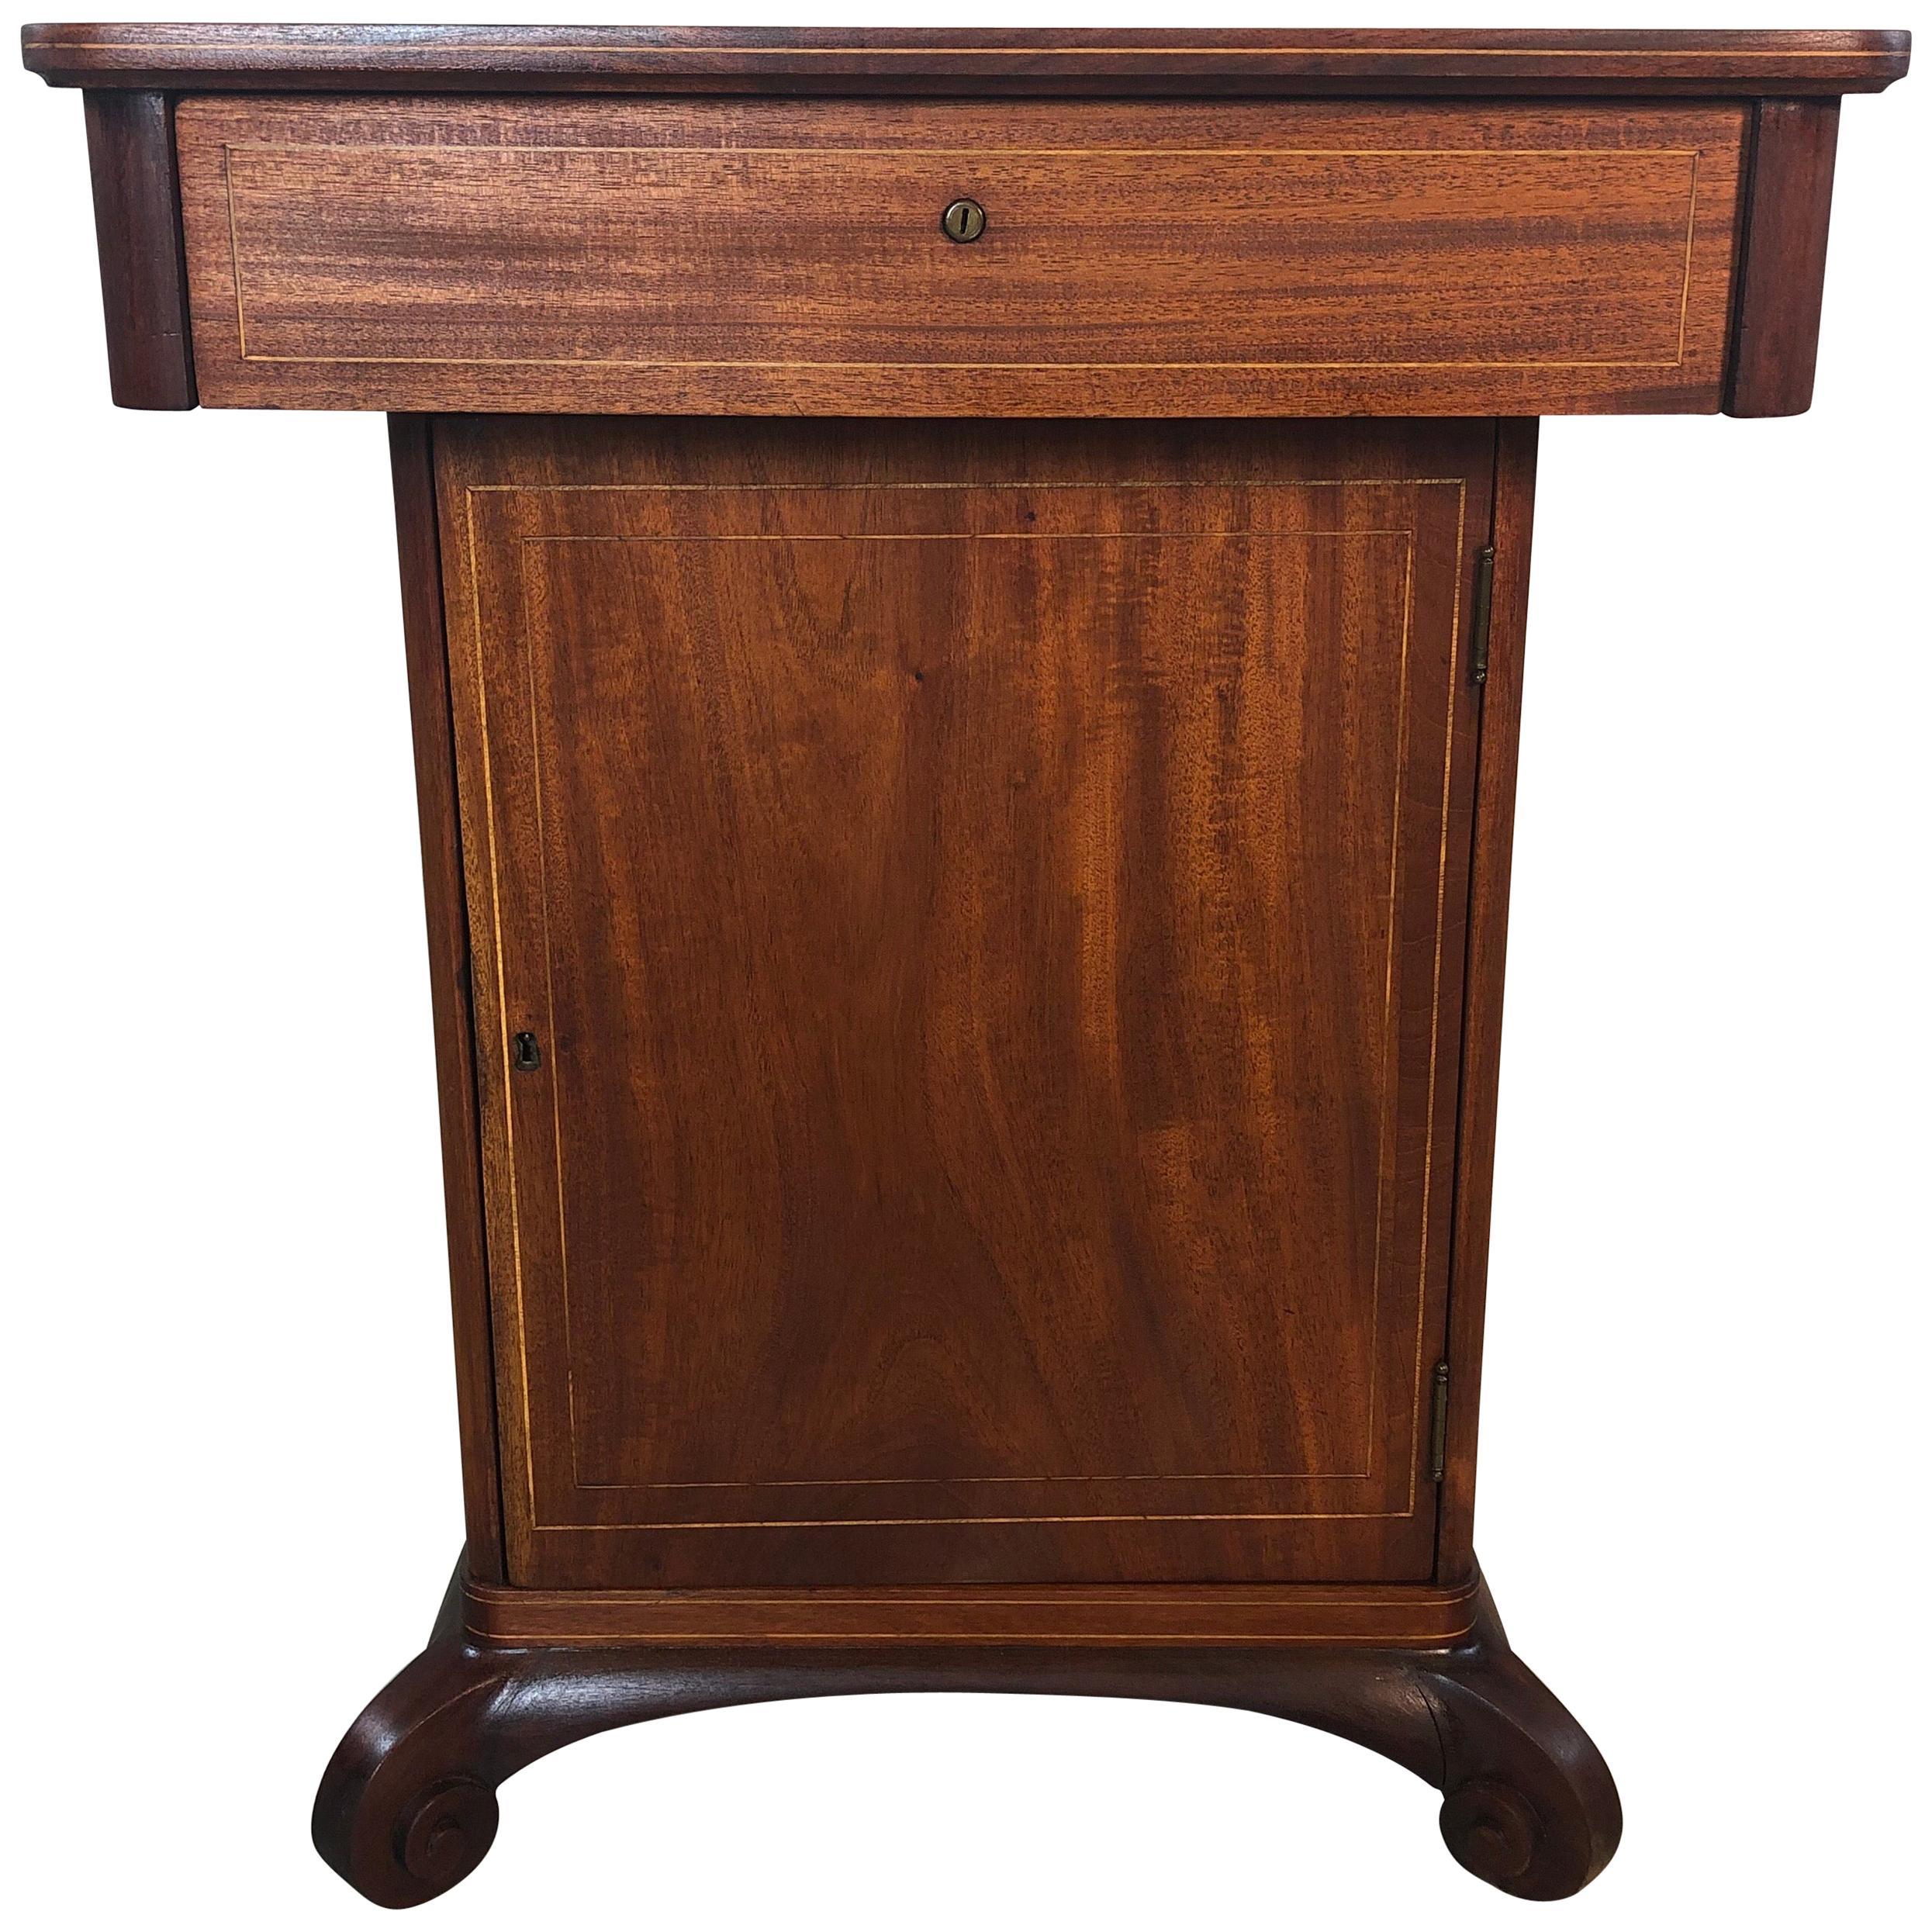 Beau Vintage Mahogany Smoking Humidor Stand